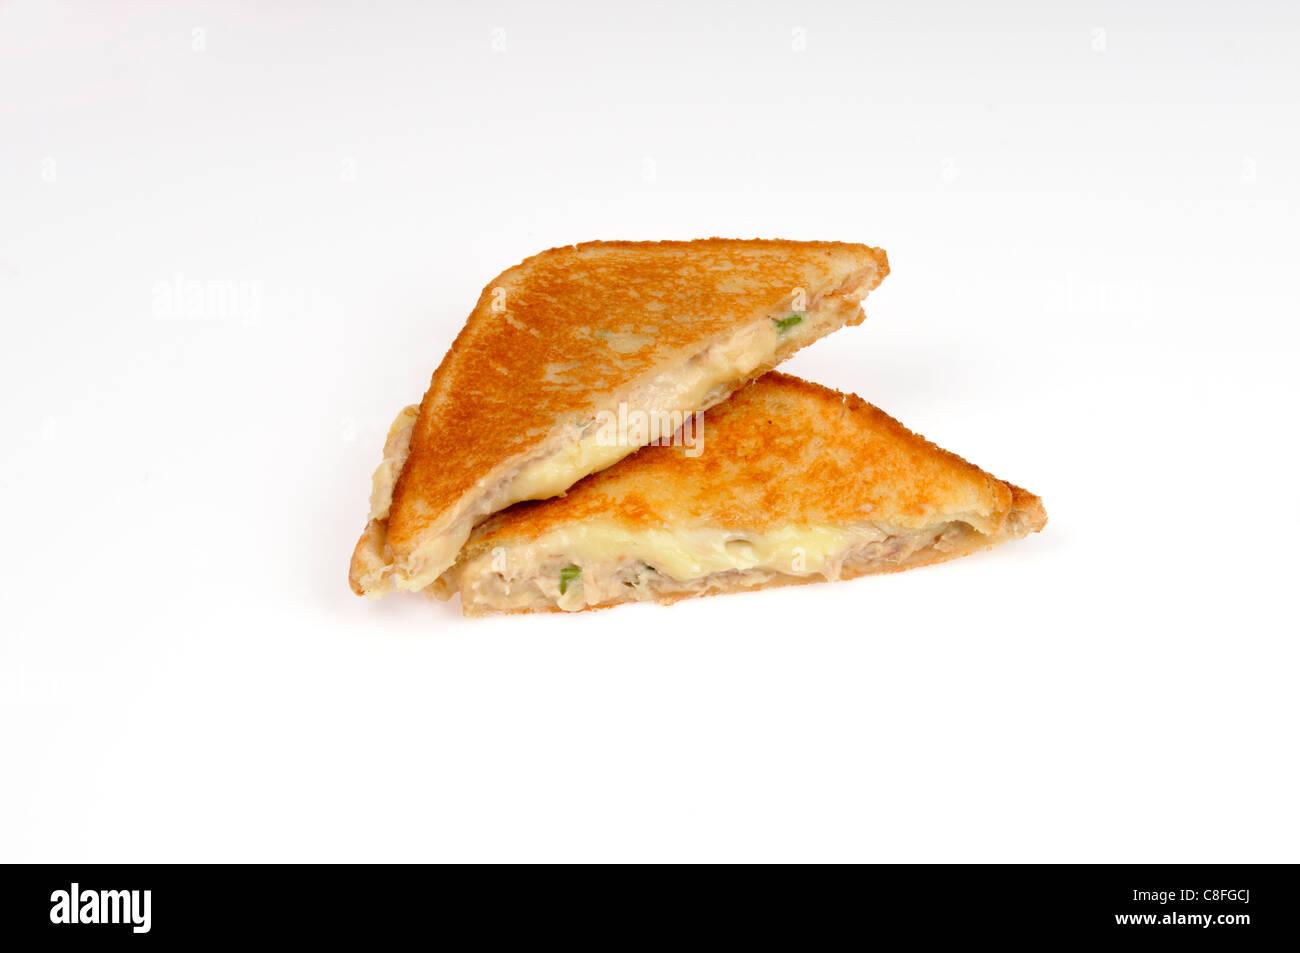 Thon grillé sandwich au fromage fondu sur fond blanc découpé. Banque D'Images